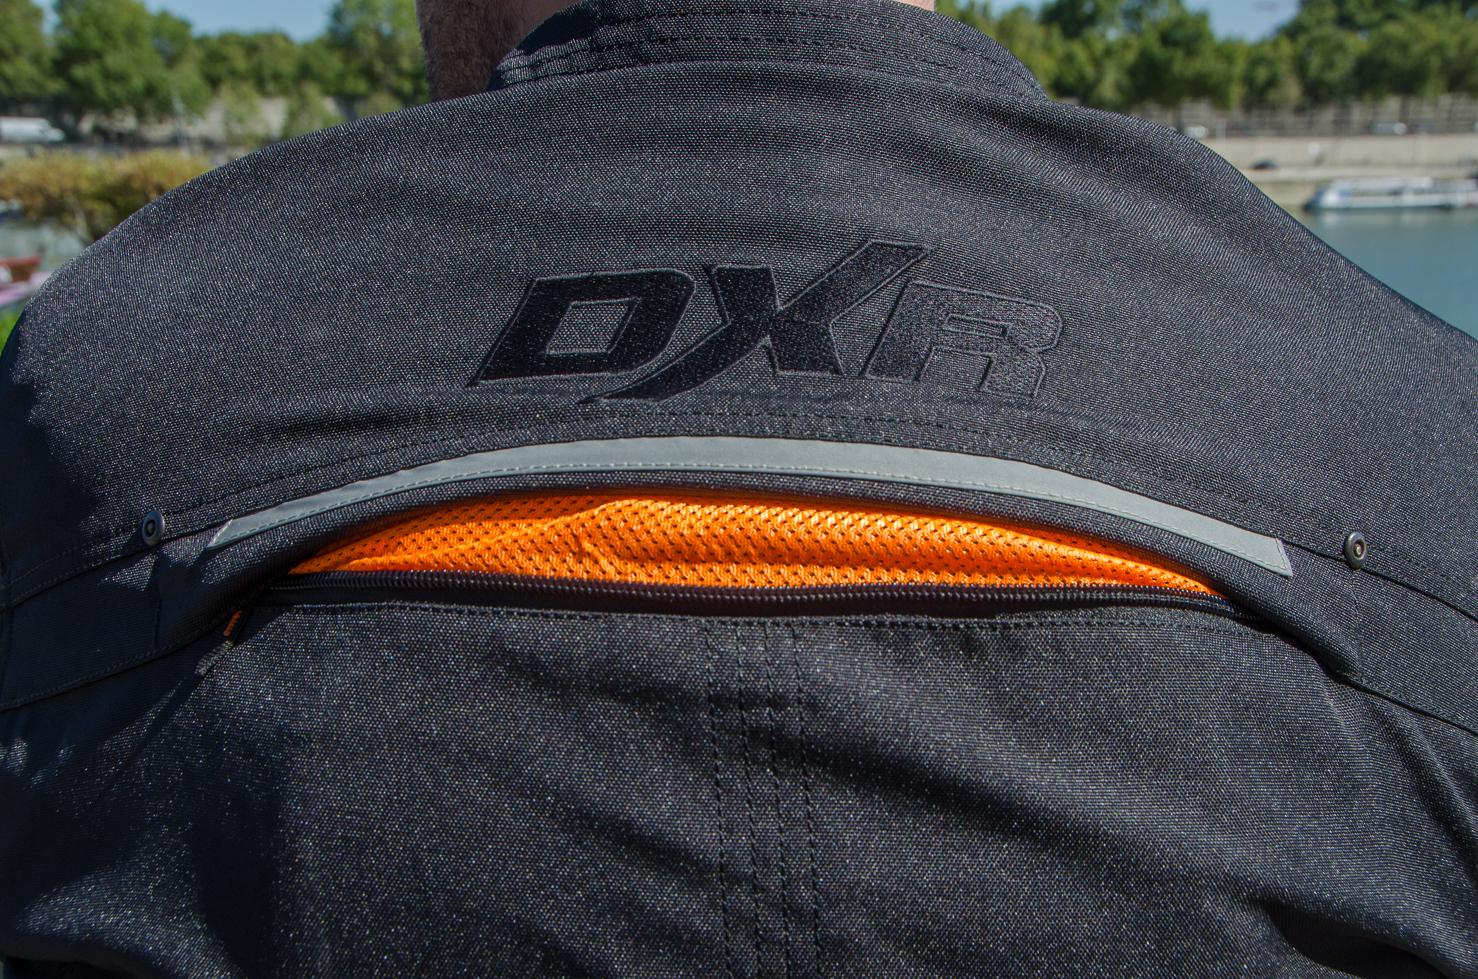 ventilacion espalda d jacket